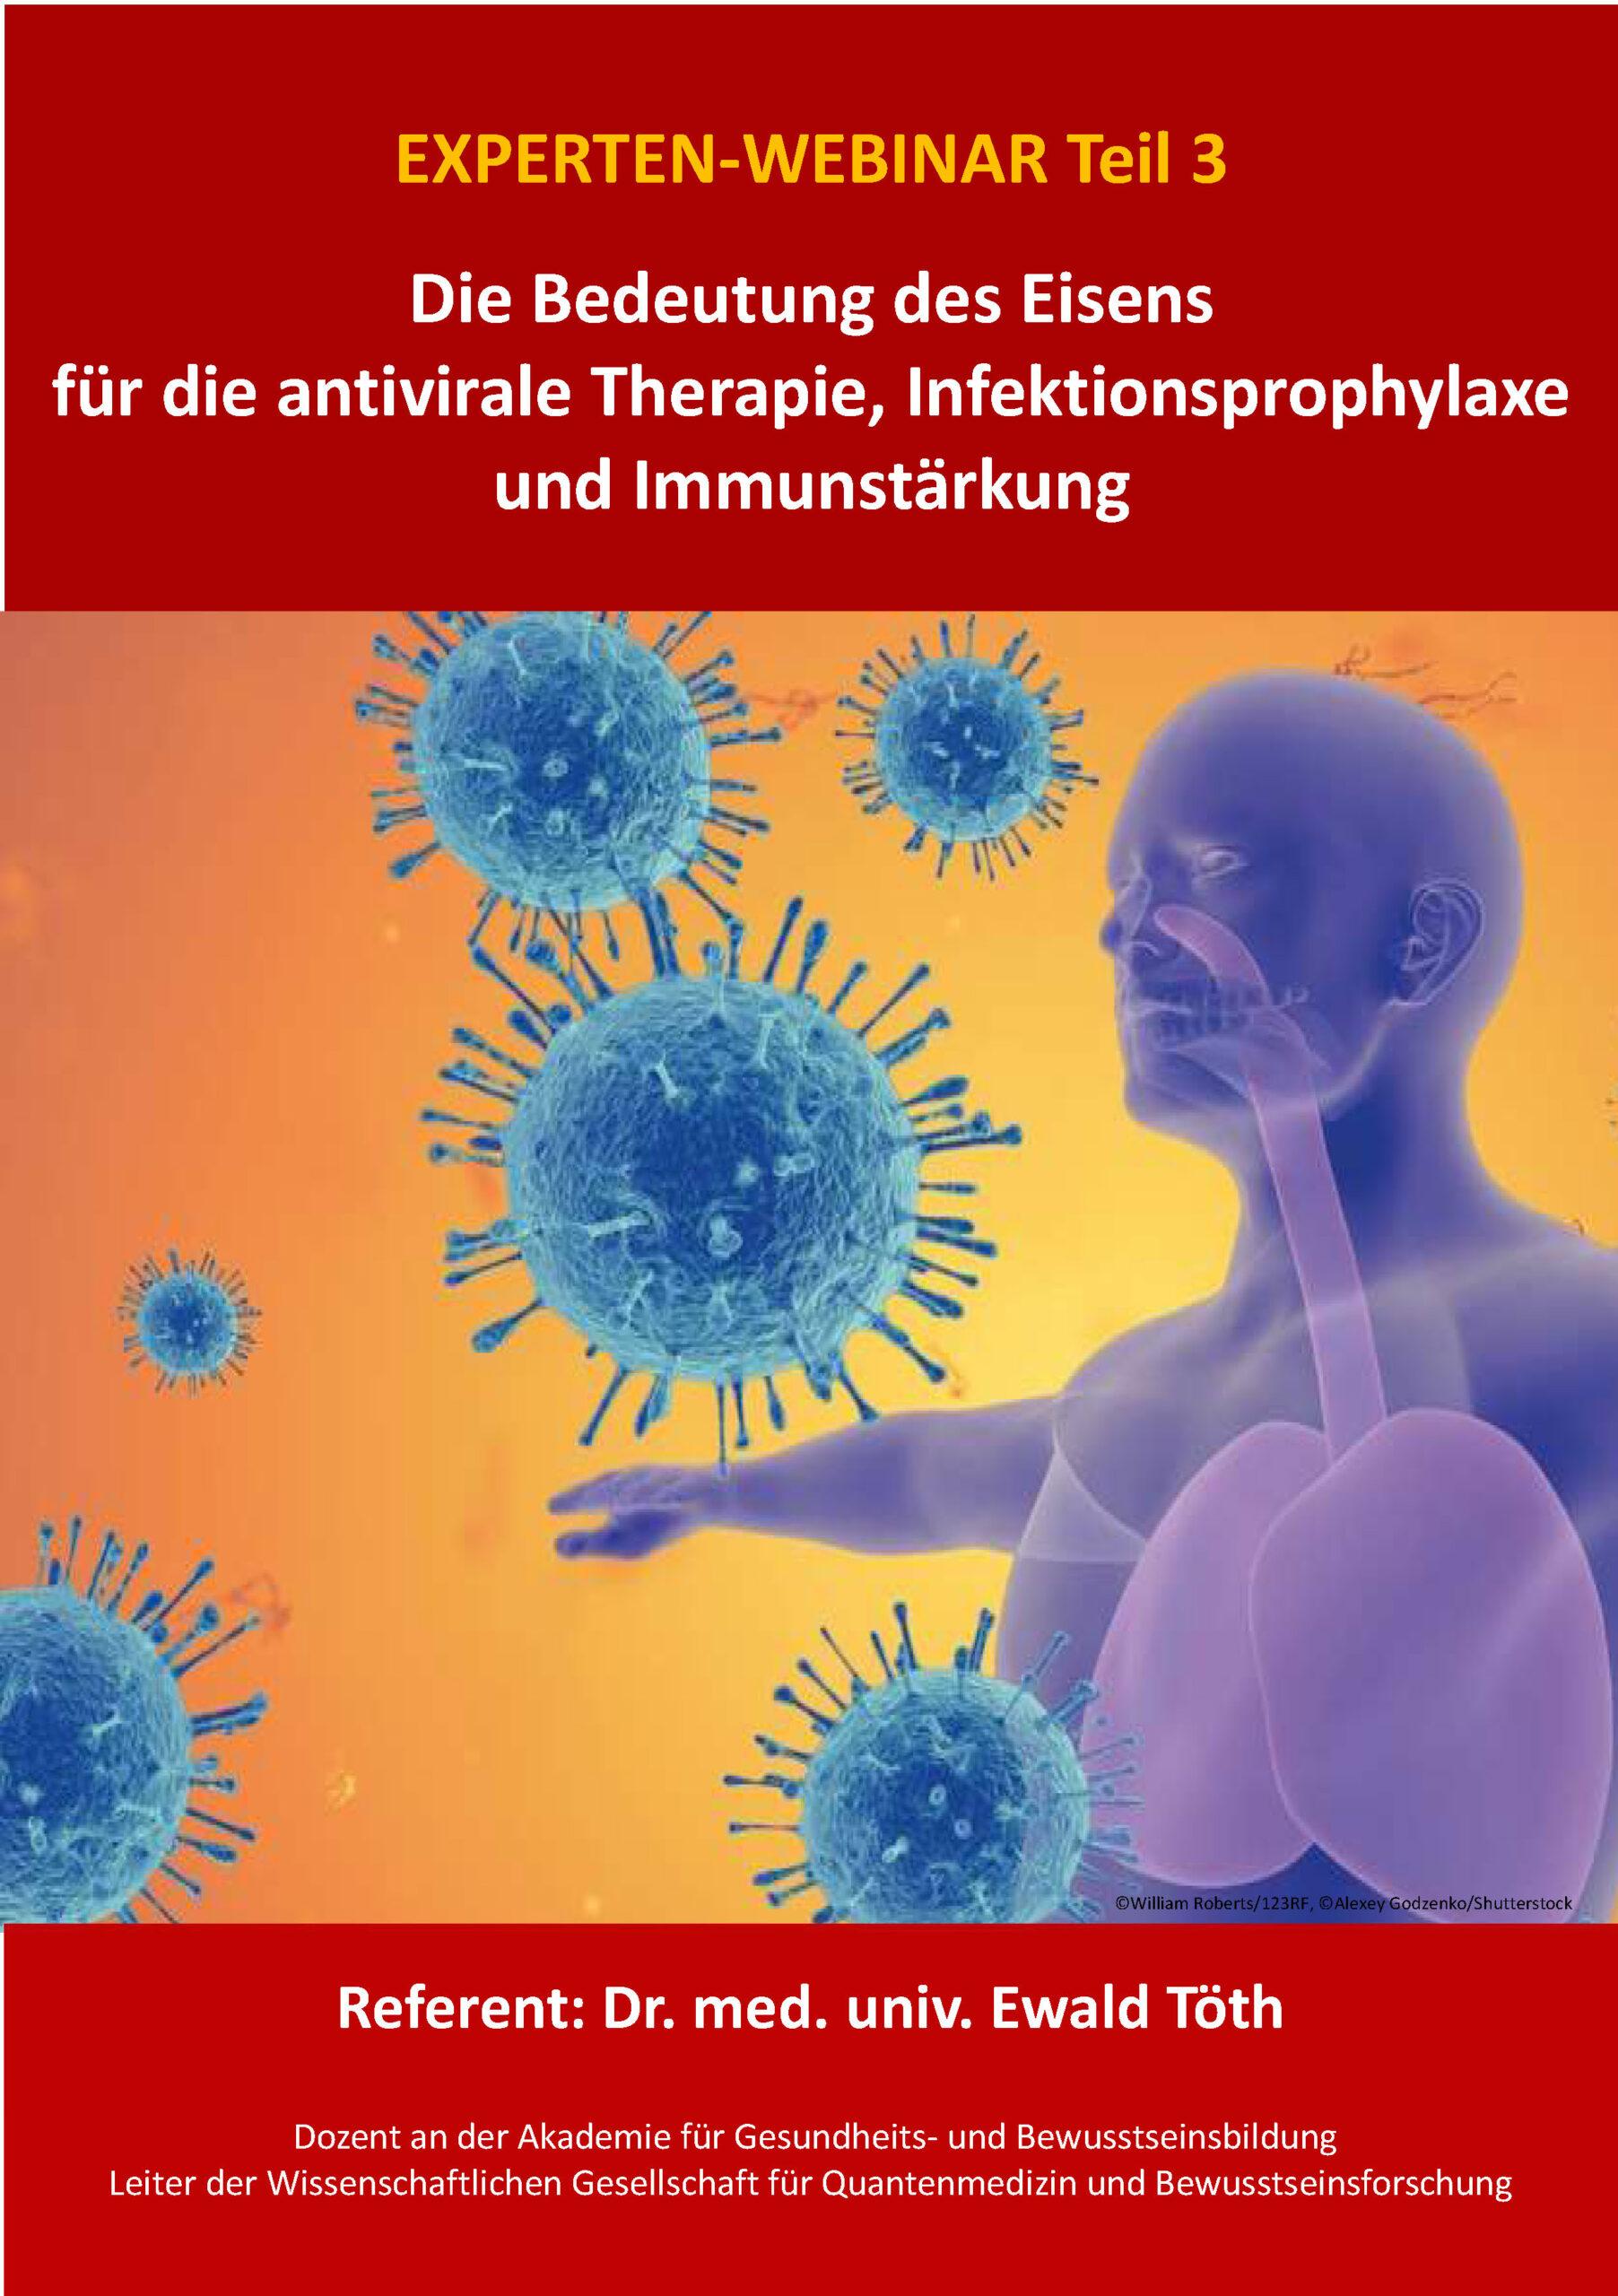 Toeth-Bedeutung von Eisen bei antiviraler Therapie_05-2021-Handout_Seite_01